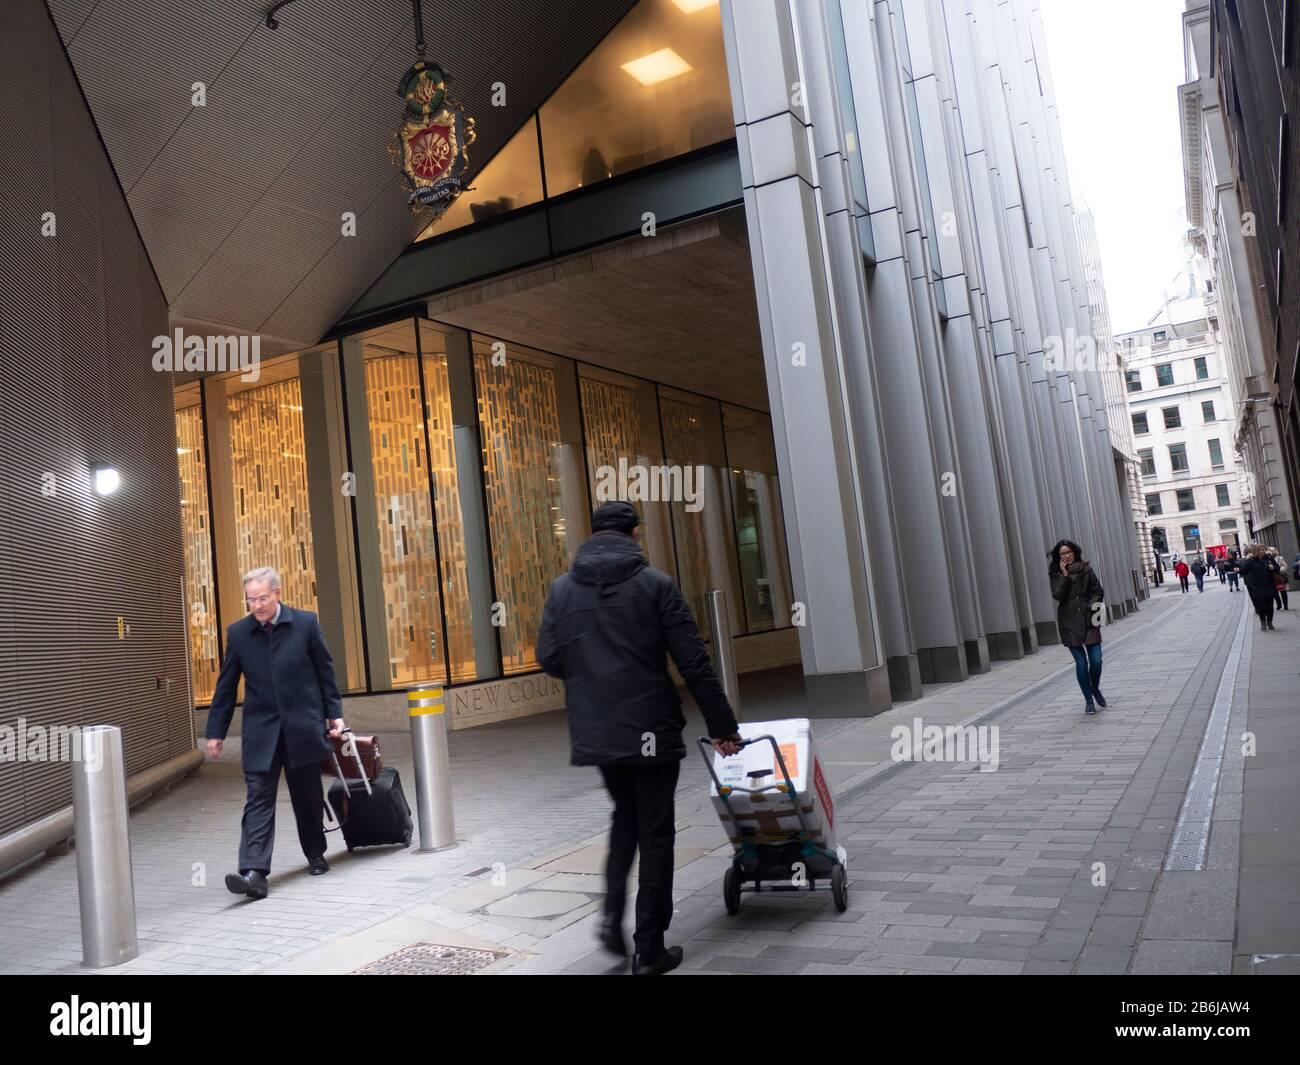 Bureaux de Rothschild & Co le groupe mondial et contrôlé par la famille. Il fournit des conseils en matière de fusions ET ACQUISITIONS, de stratégie et de financement, de gestion des investissements et de la richesse Banque D'Images